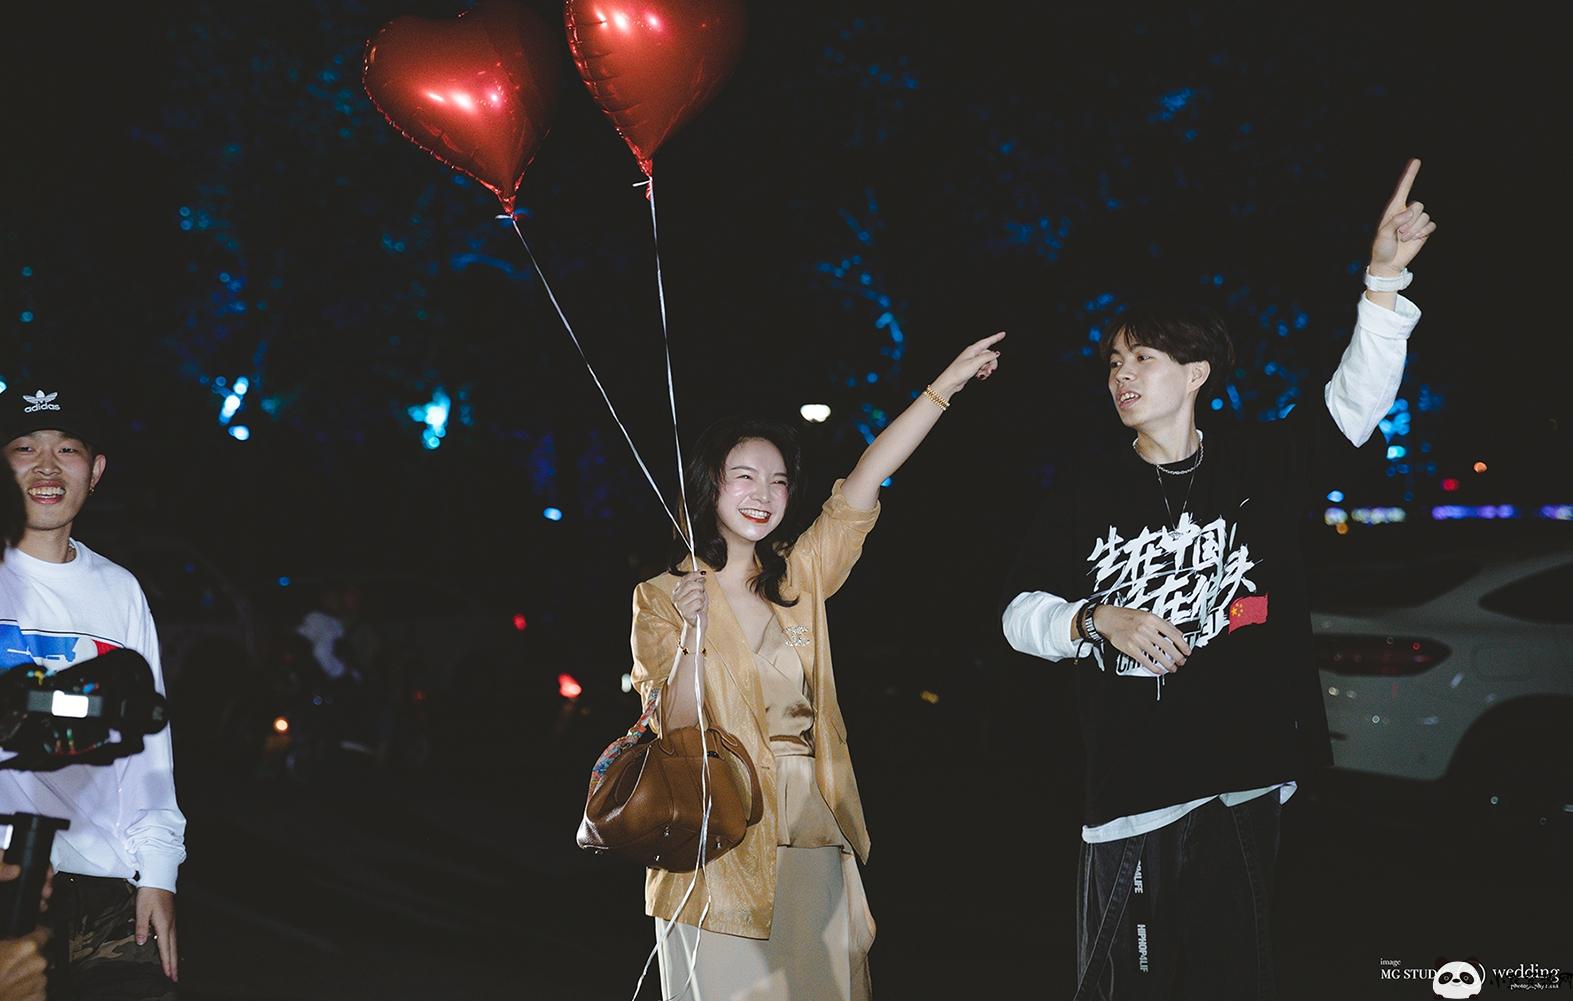 """MG出品 – 林挺许继苗求婚大电影""""美好的事物总是值得等待"""""""